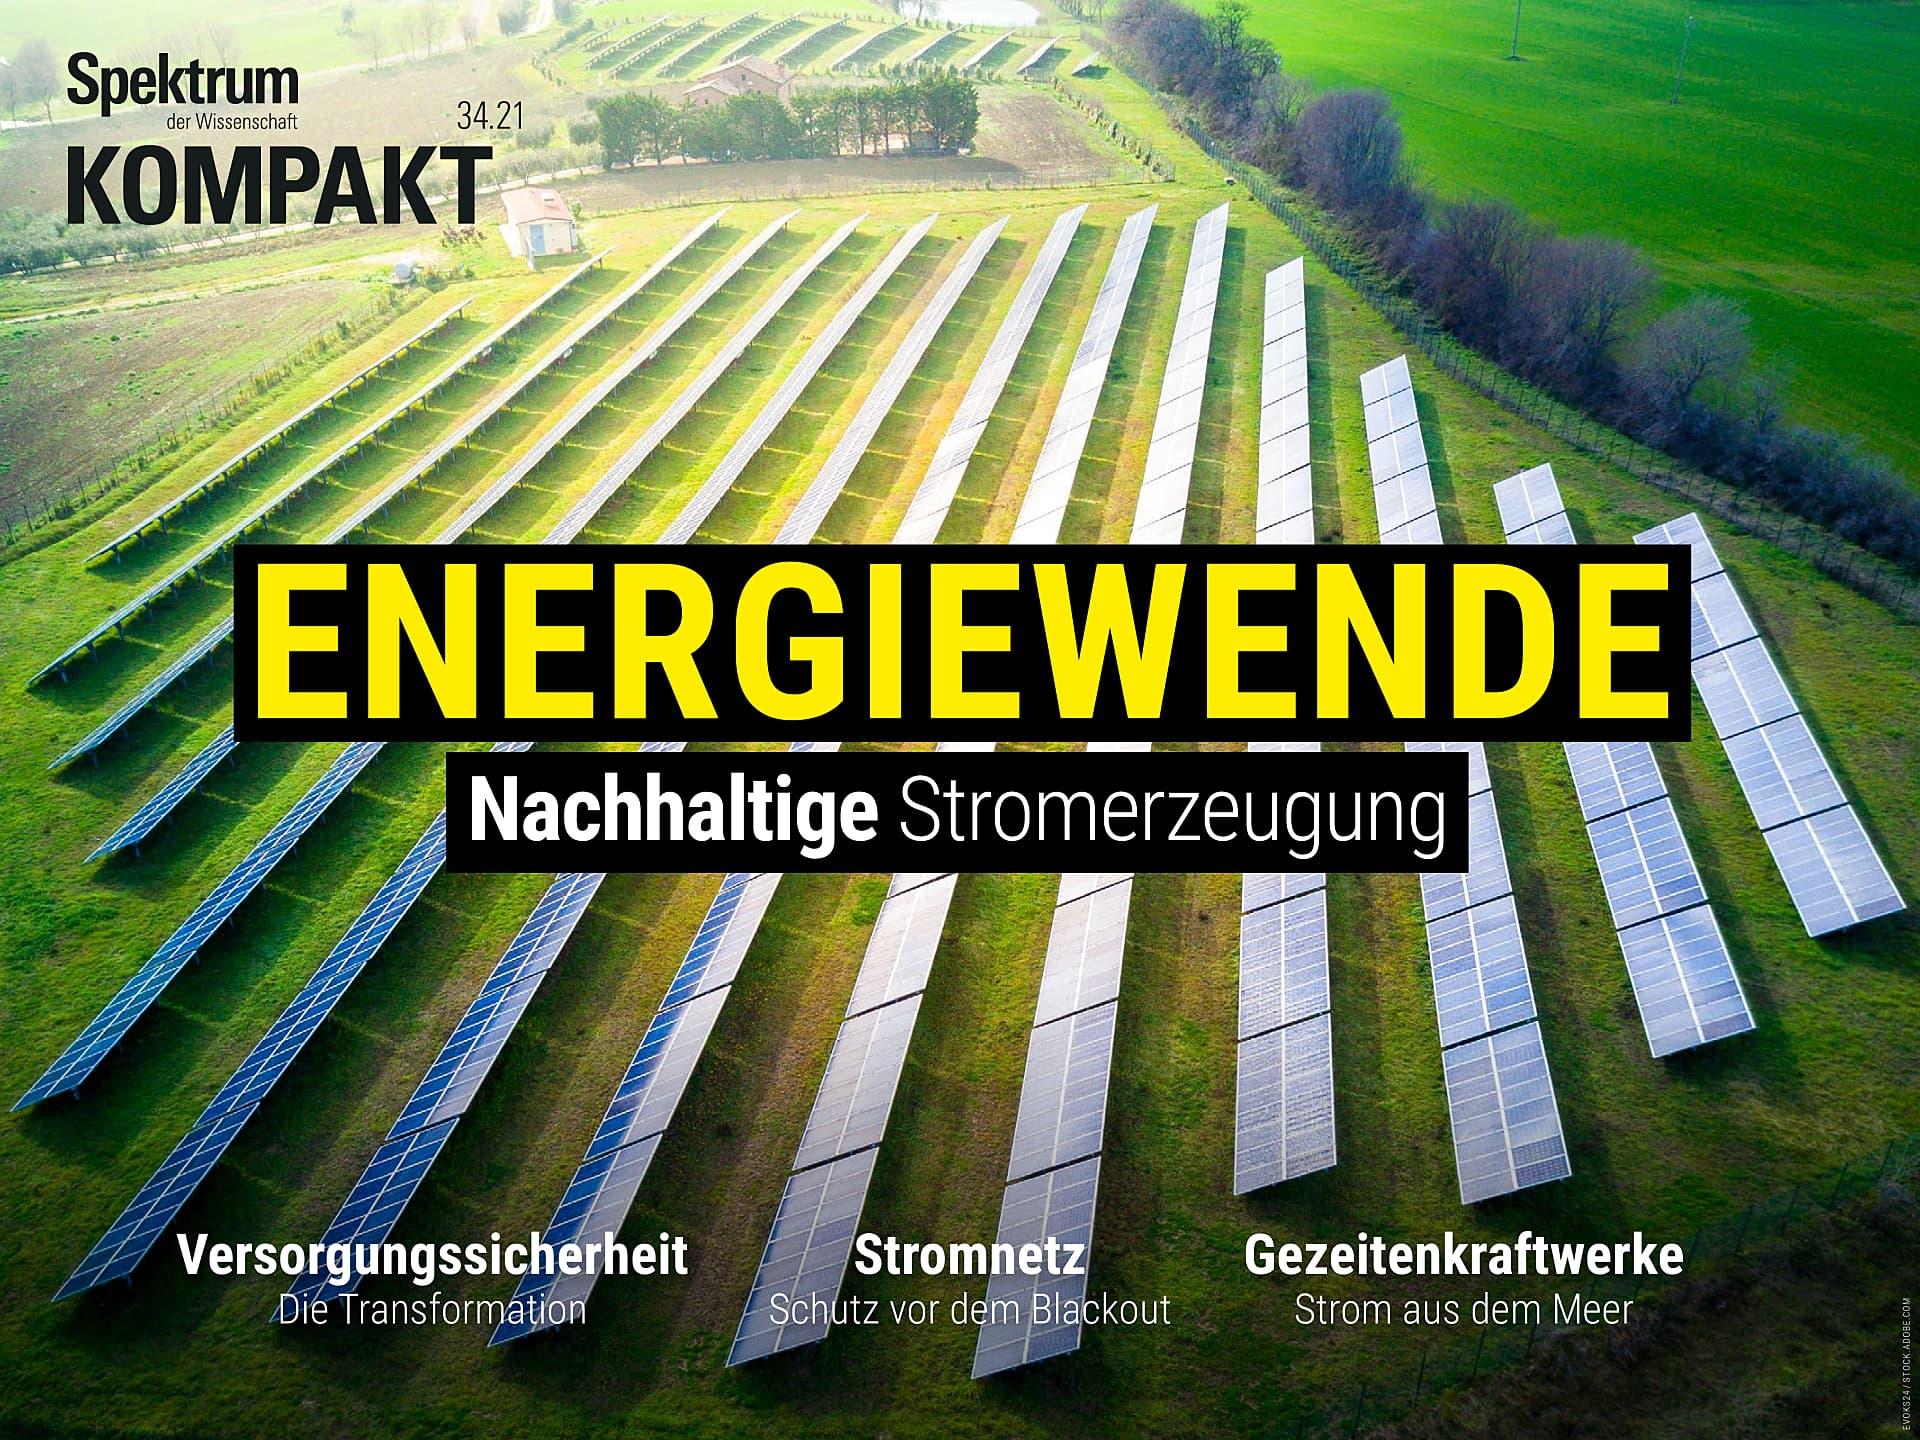 Energiewende - Nachhaltige Stromerzeugung